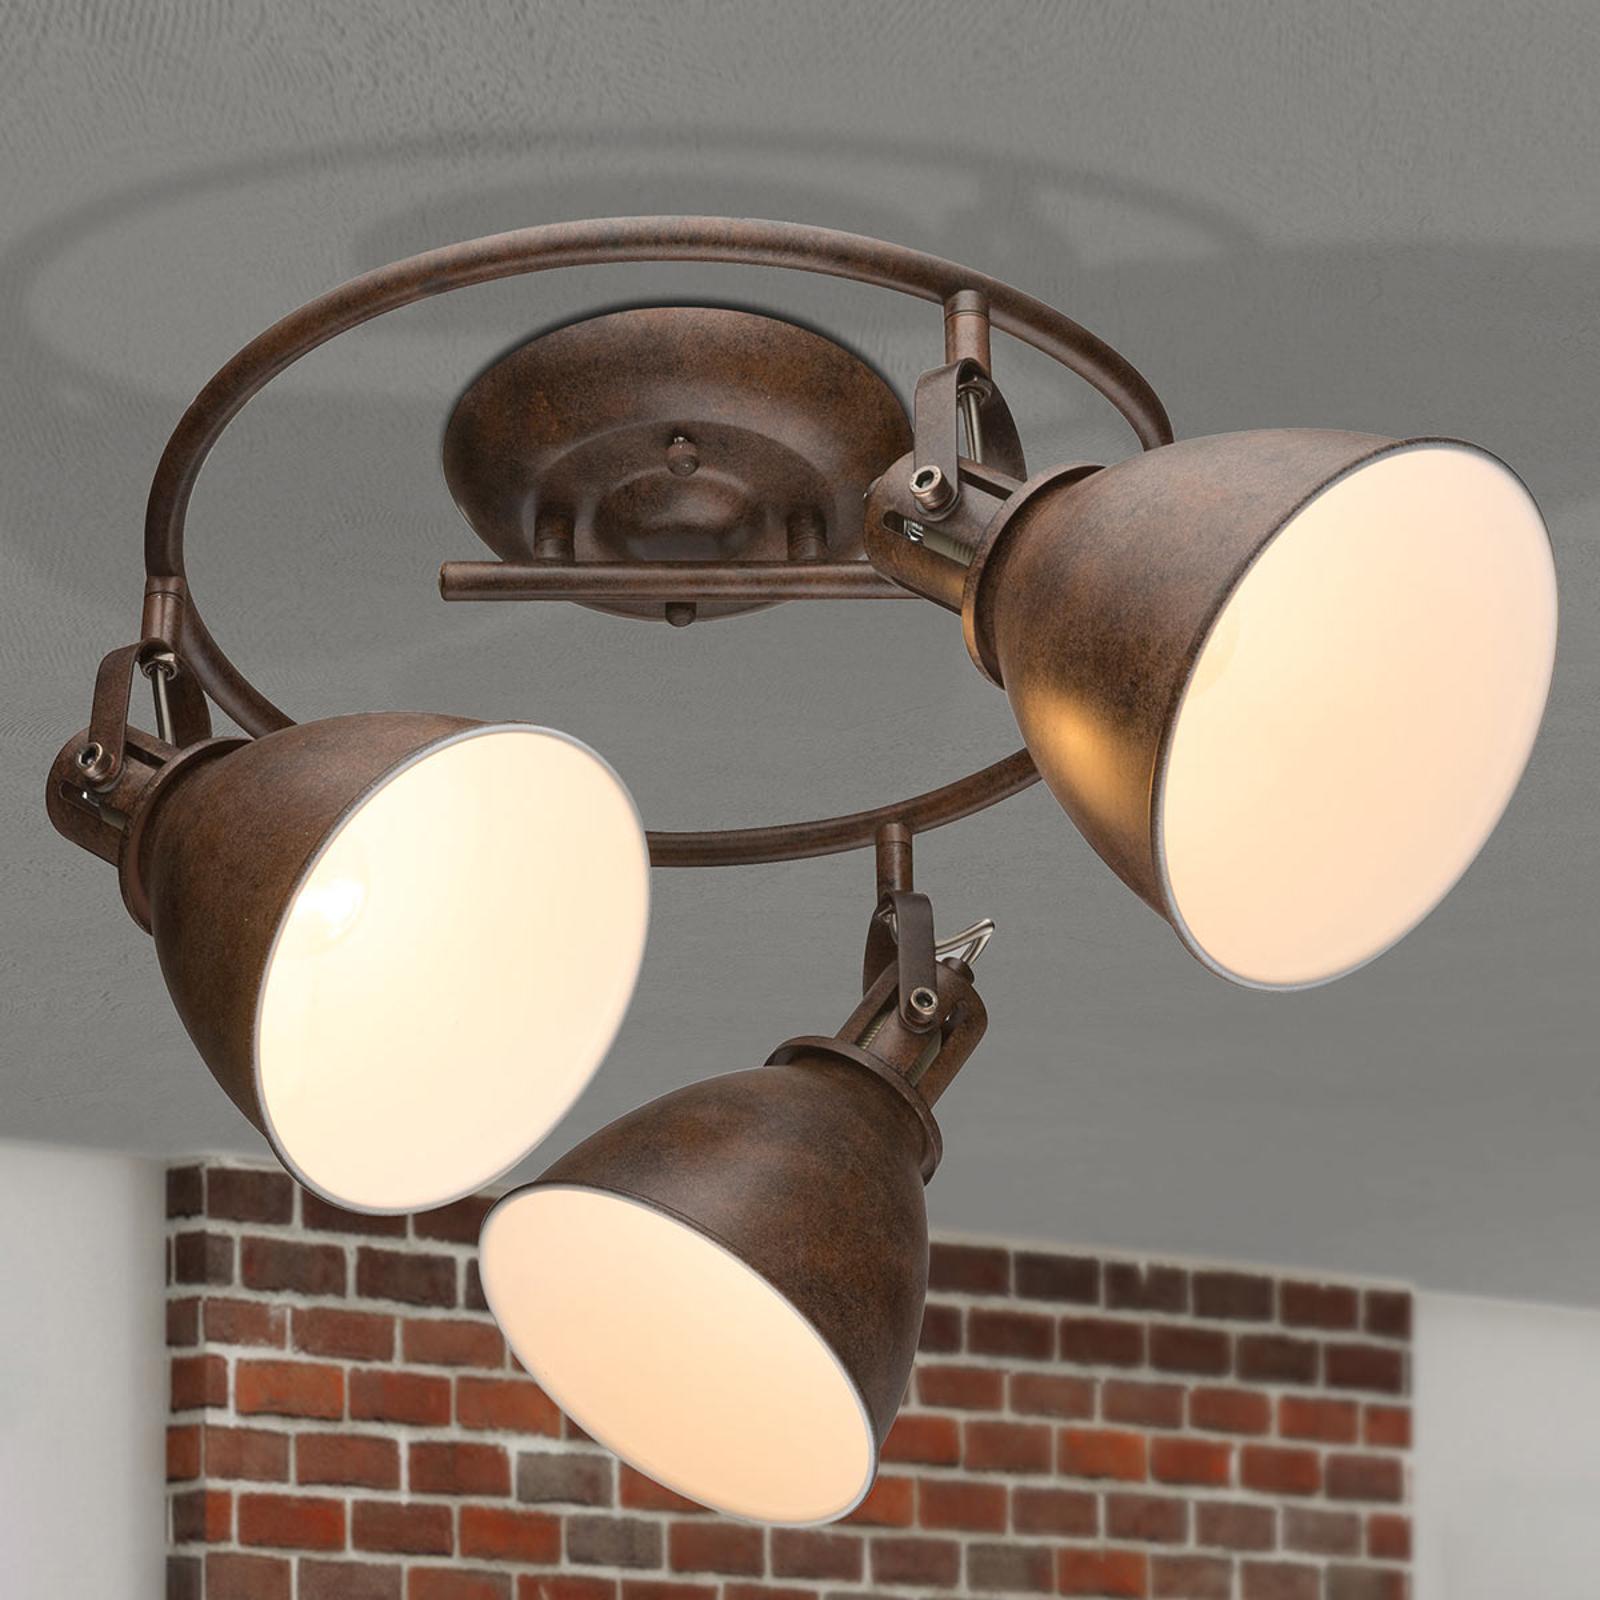 Plafonnier à trois lampes Giorgio en brun rouille.